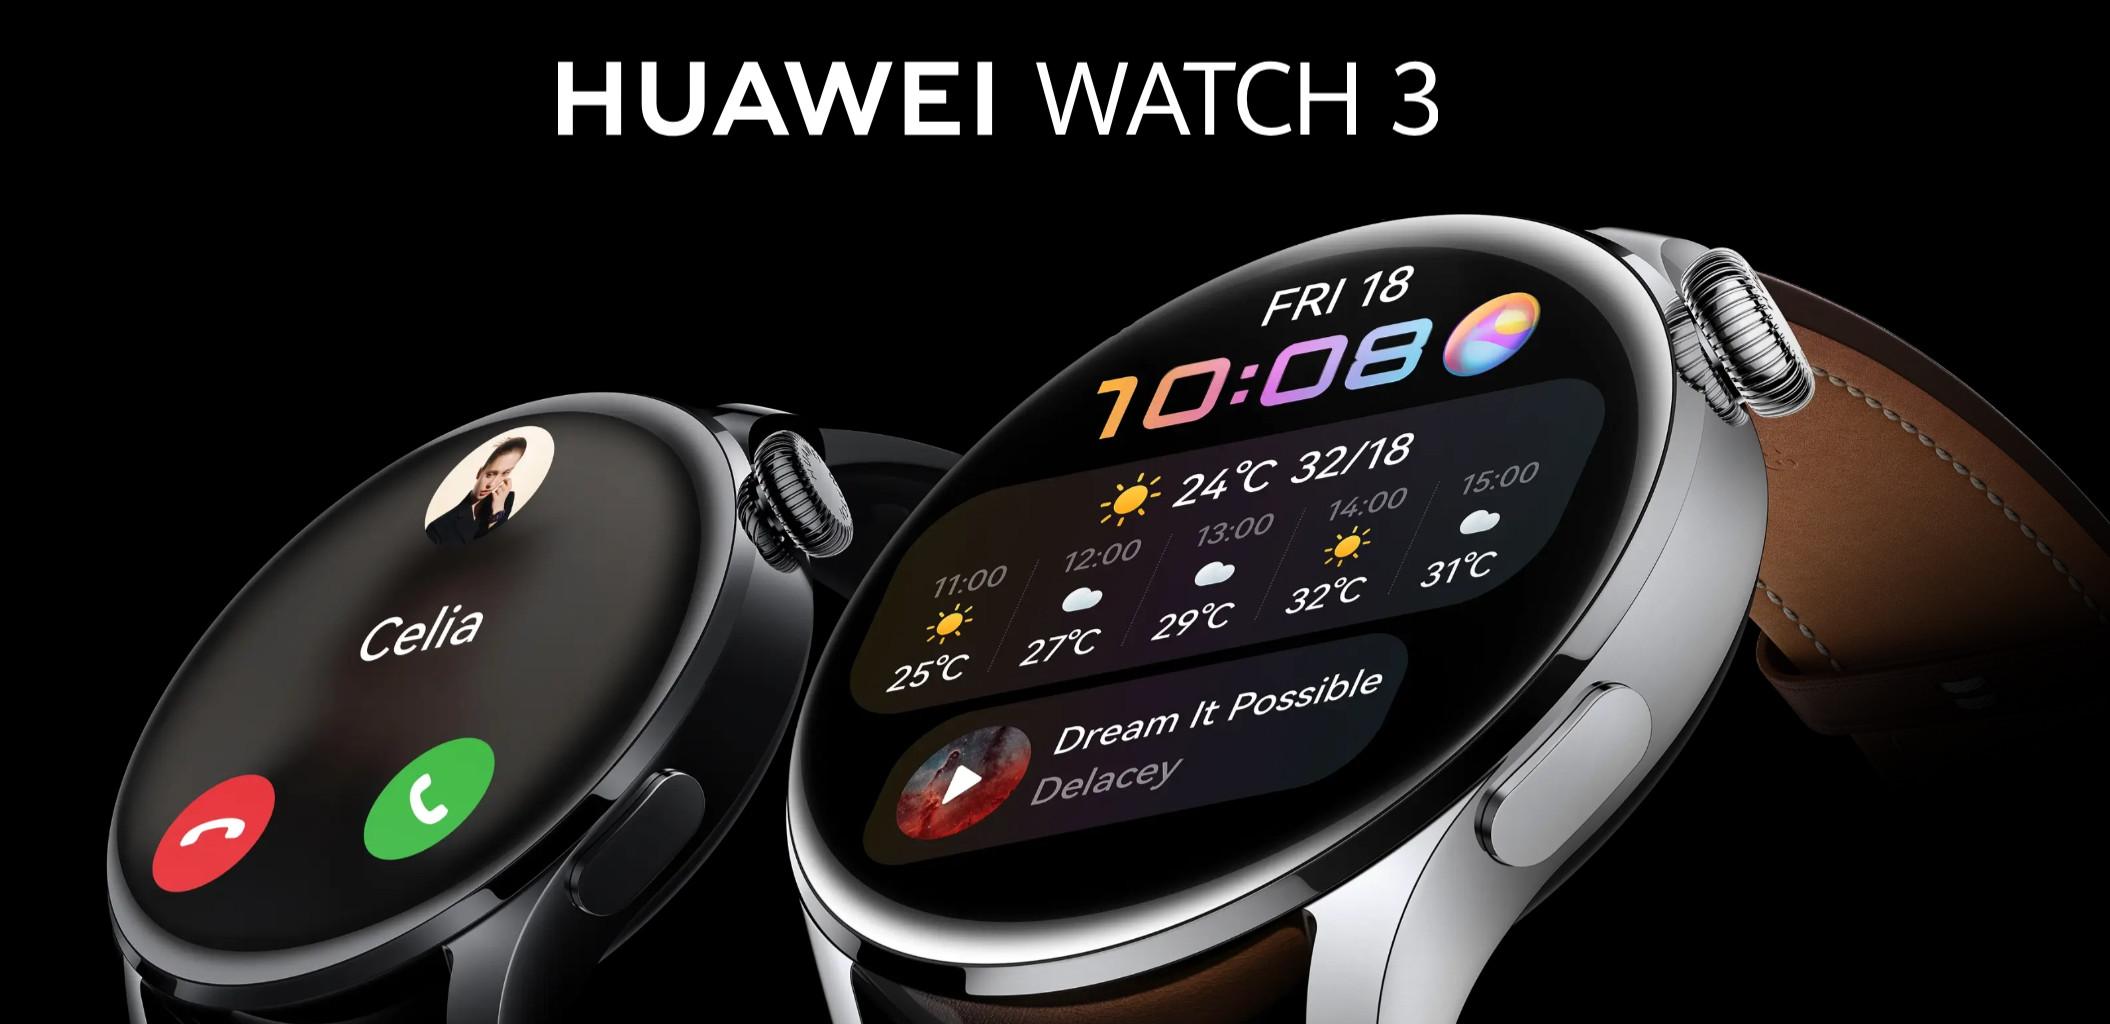 Huawei zaktualizował HarmonyOS w zegarkach Watch 3. W końcu odpowiemy z nich na wiadomości!